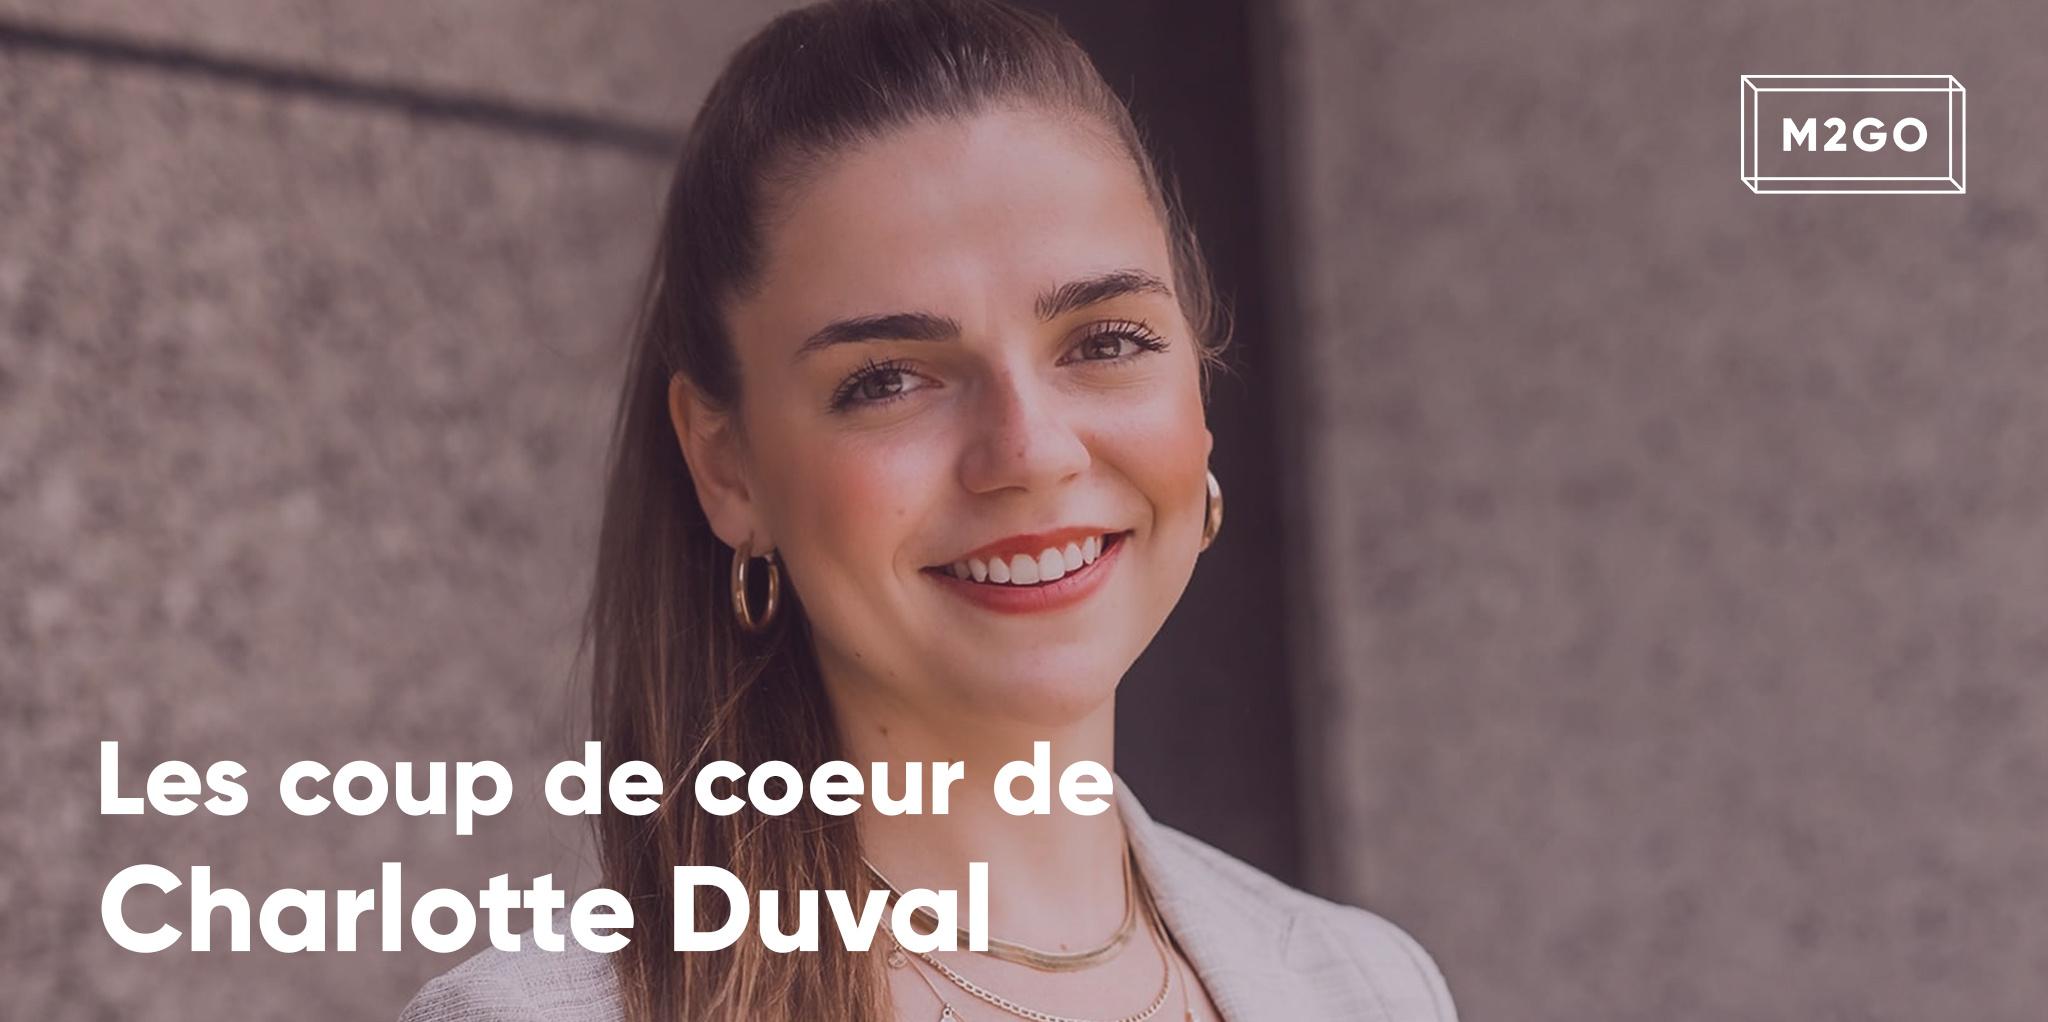 Les coups de coeur de Charlotte Duval